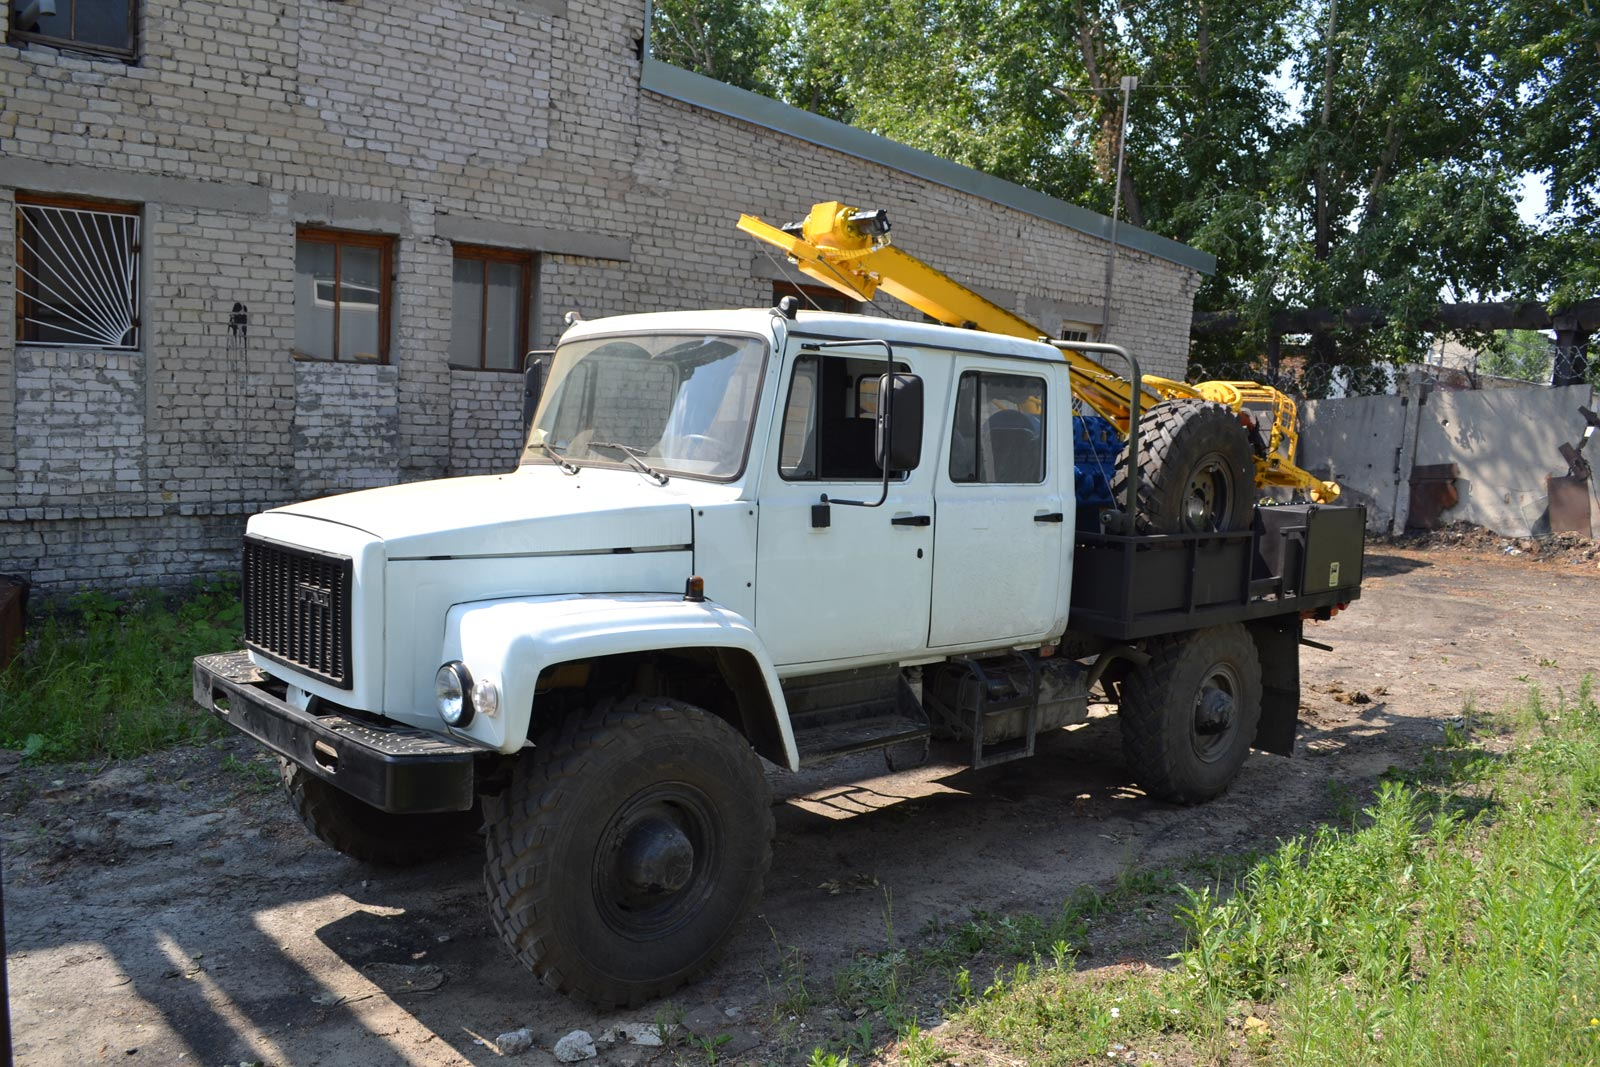 Установка буровая гидромеханизированная УБГМ-1М на базе ГАЗ 33081 Егерь